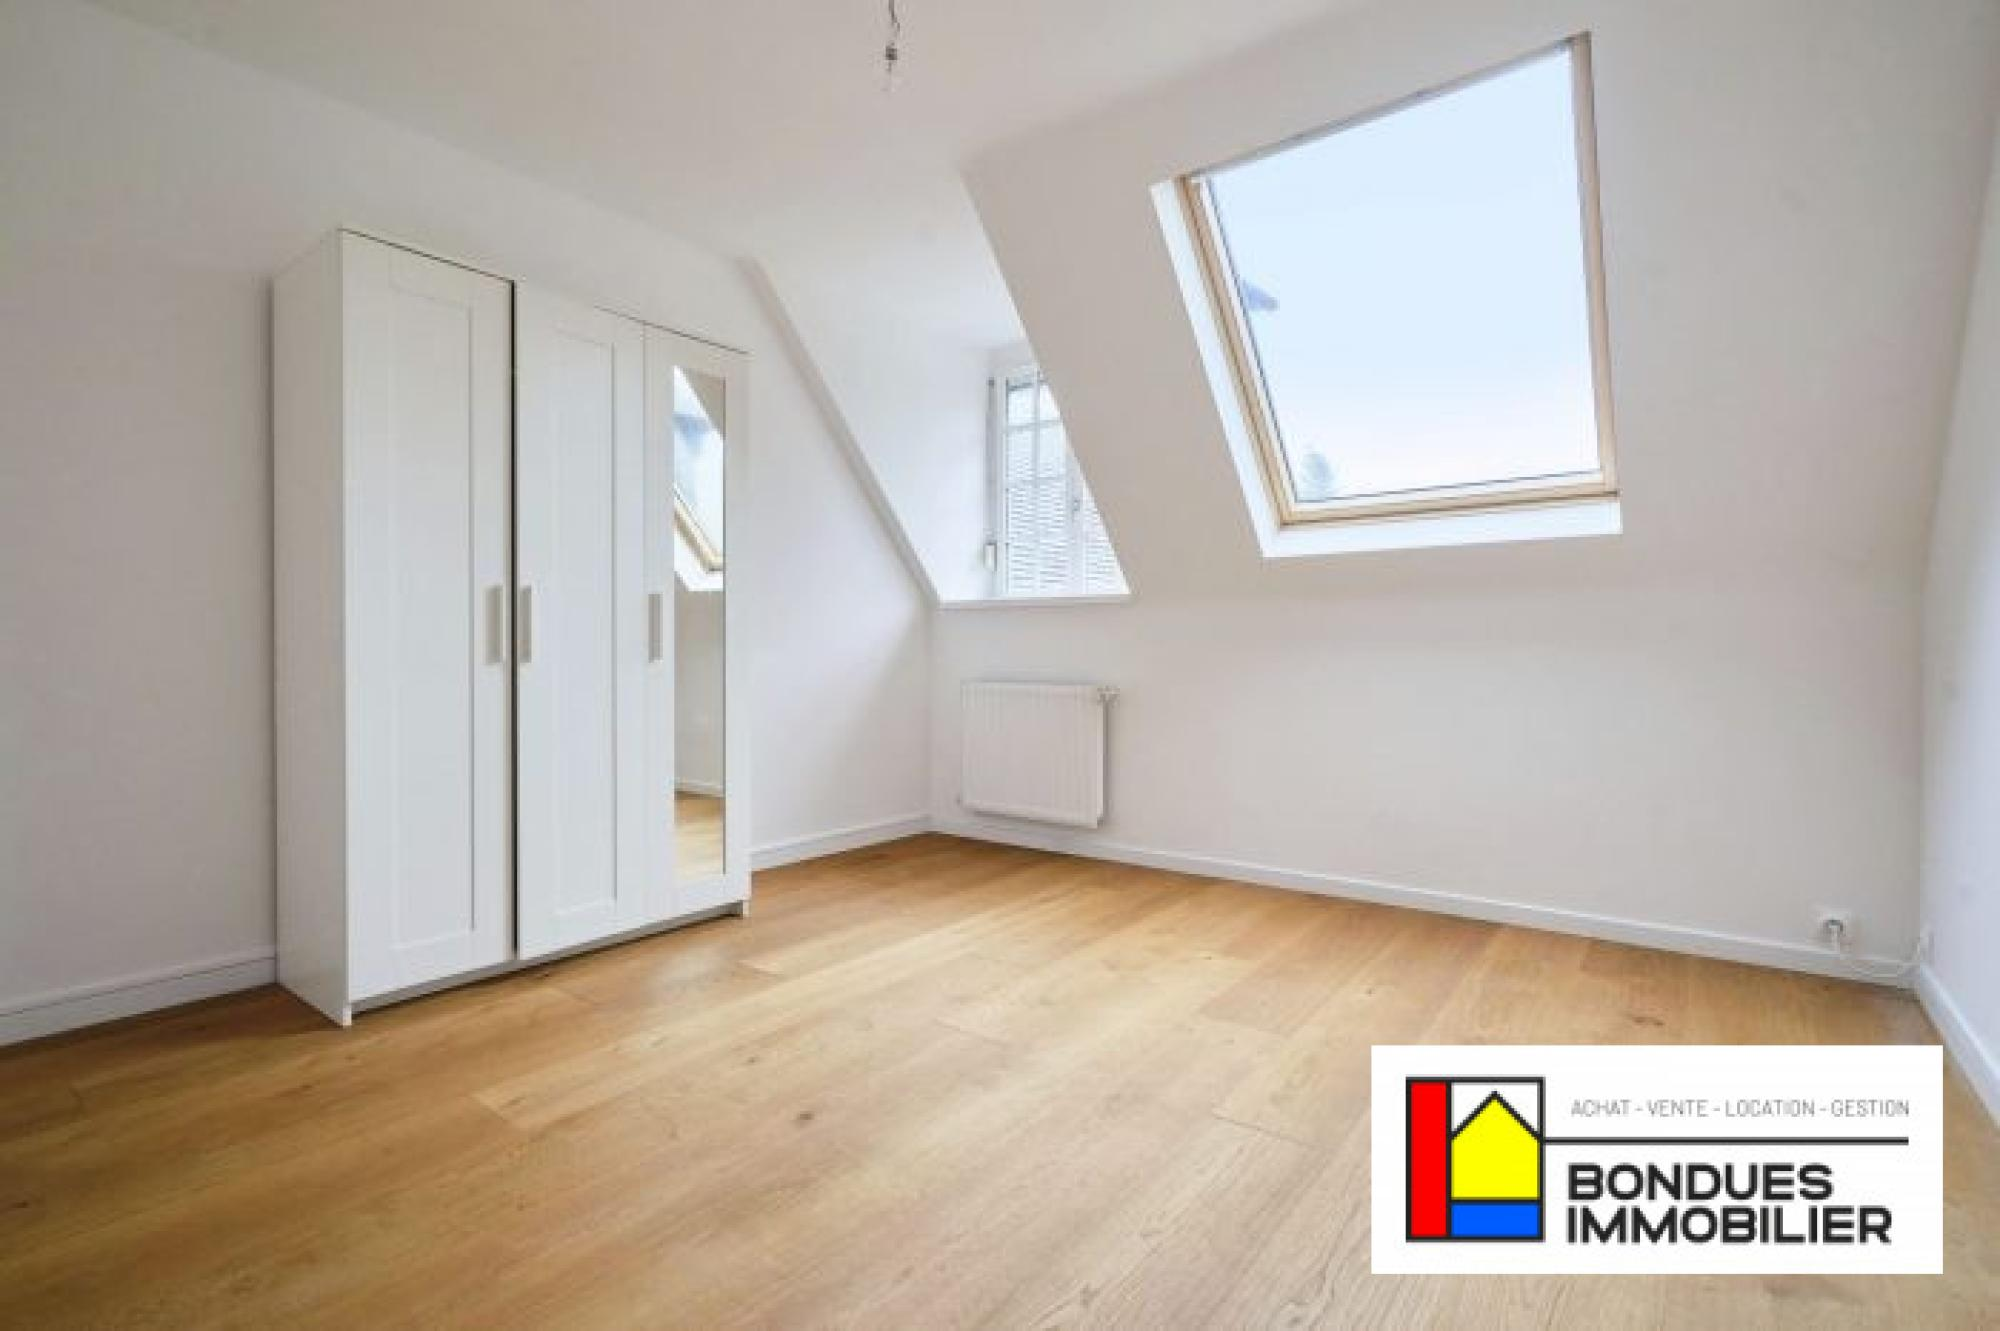 vente maison bondues refVM420 (14)